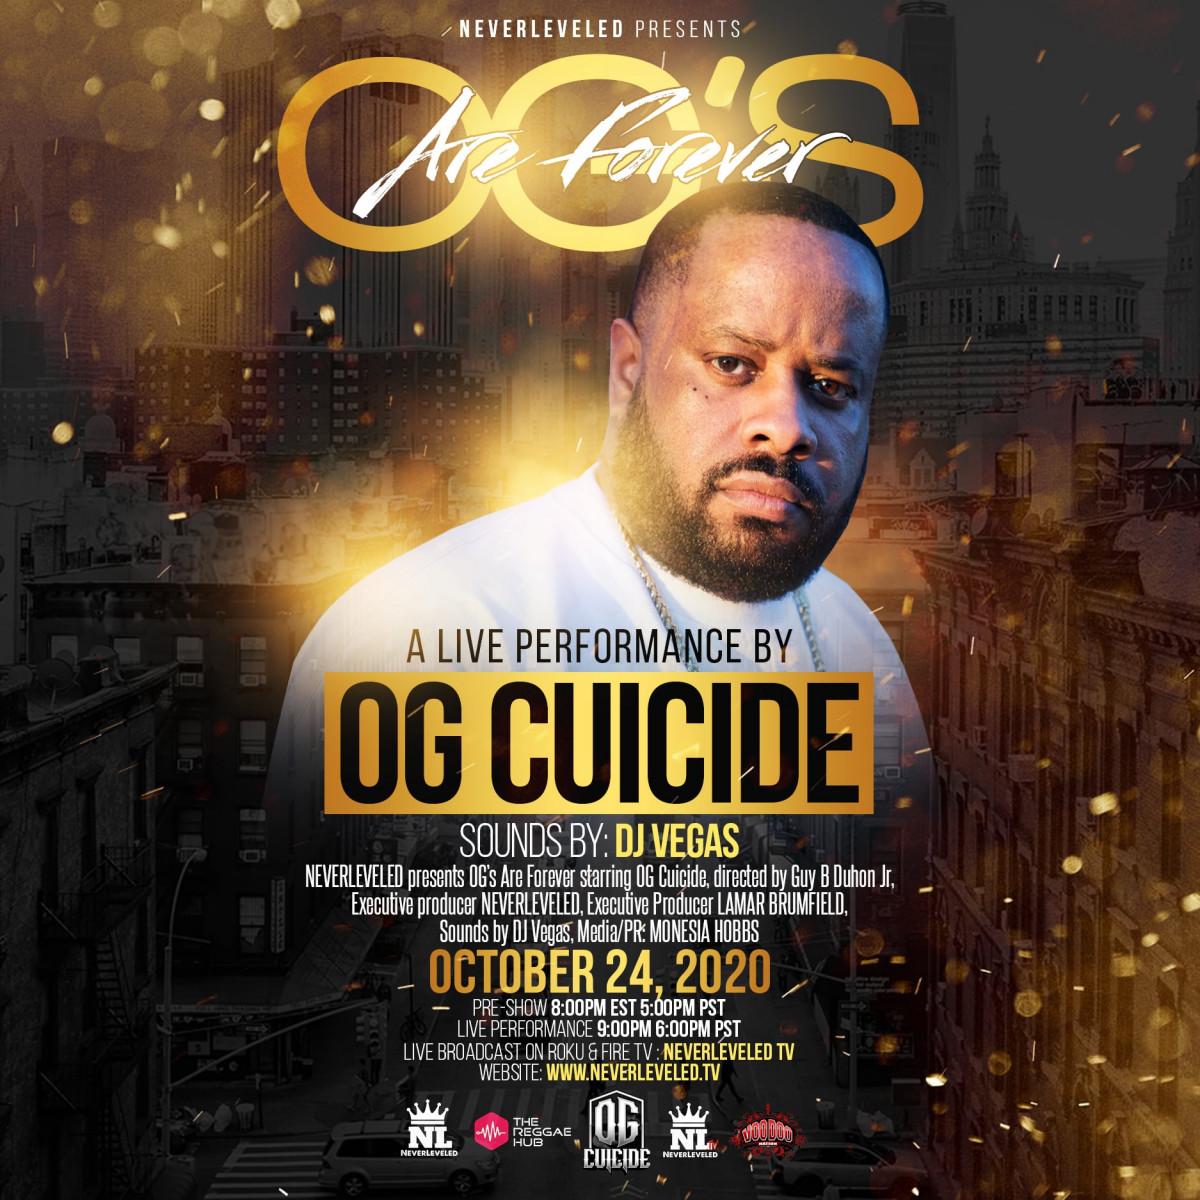 24 октября OG Cuicide даст концерт, трансляцию с которого можно будет посмотреть онлайн!